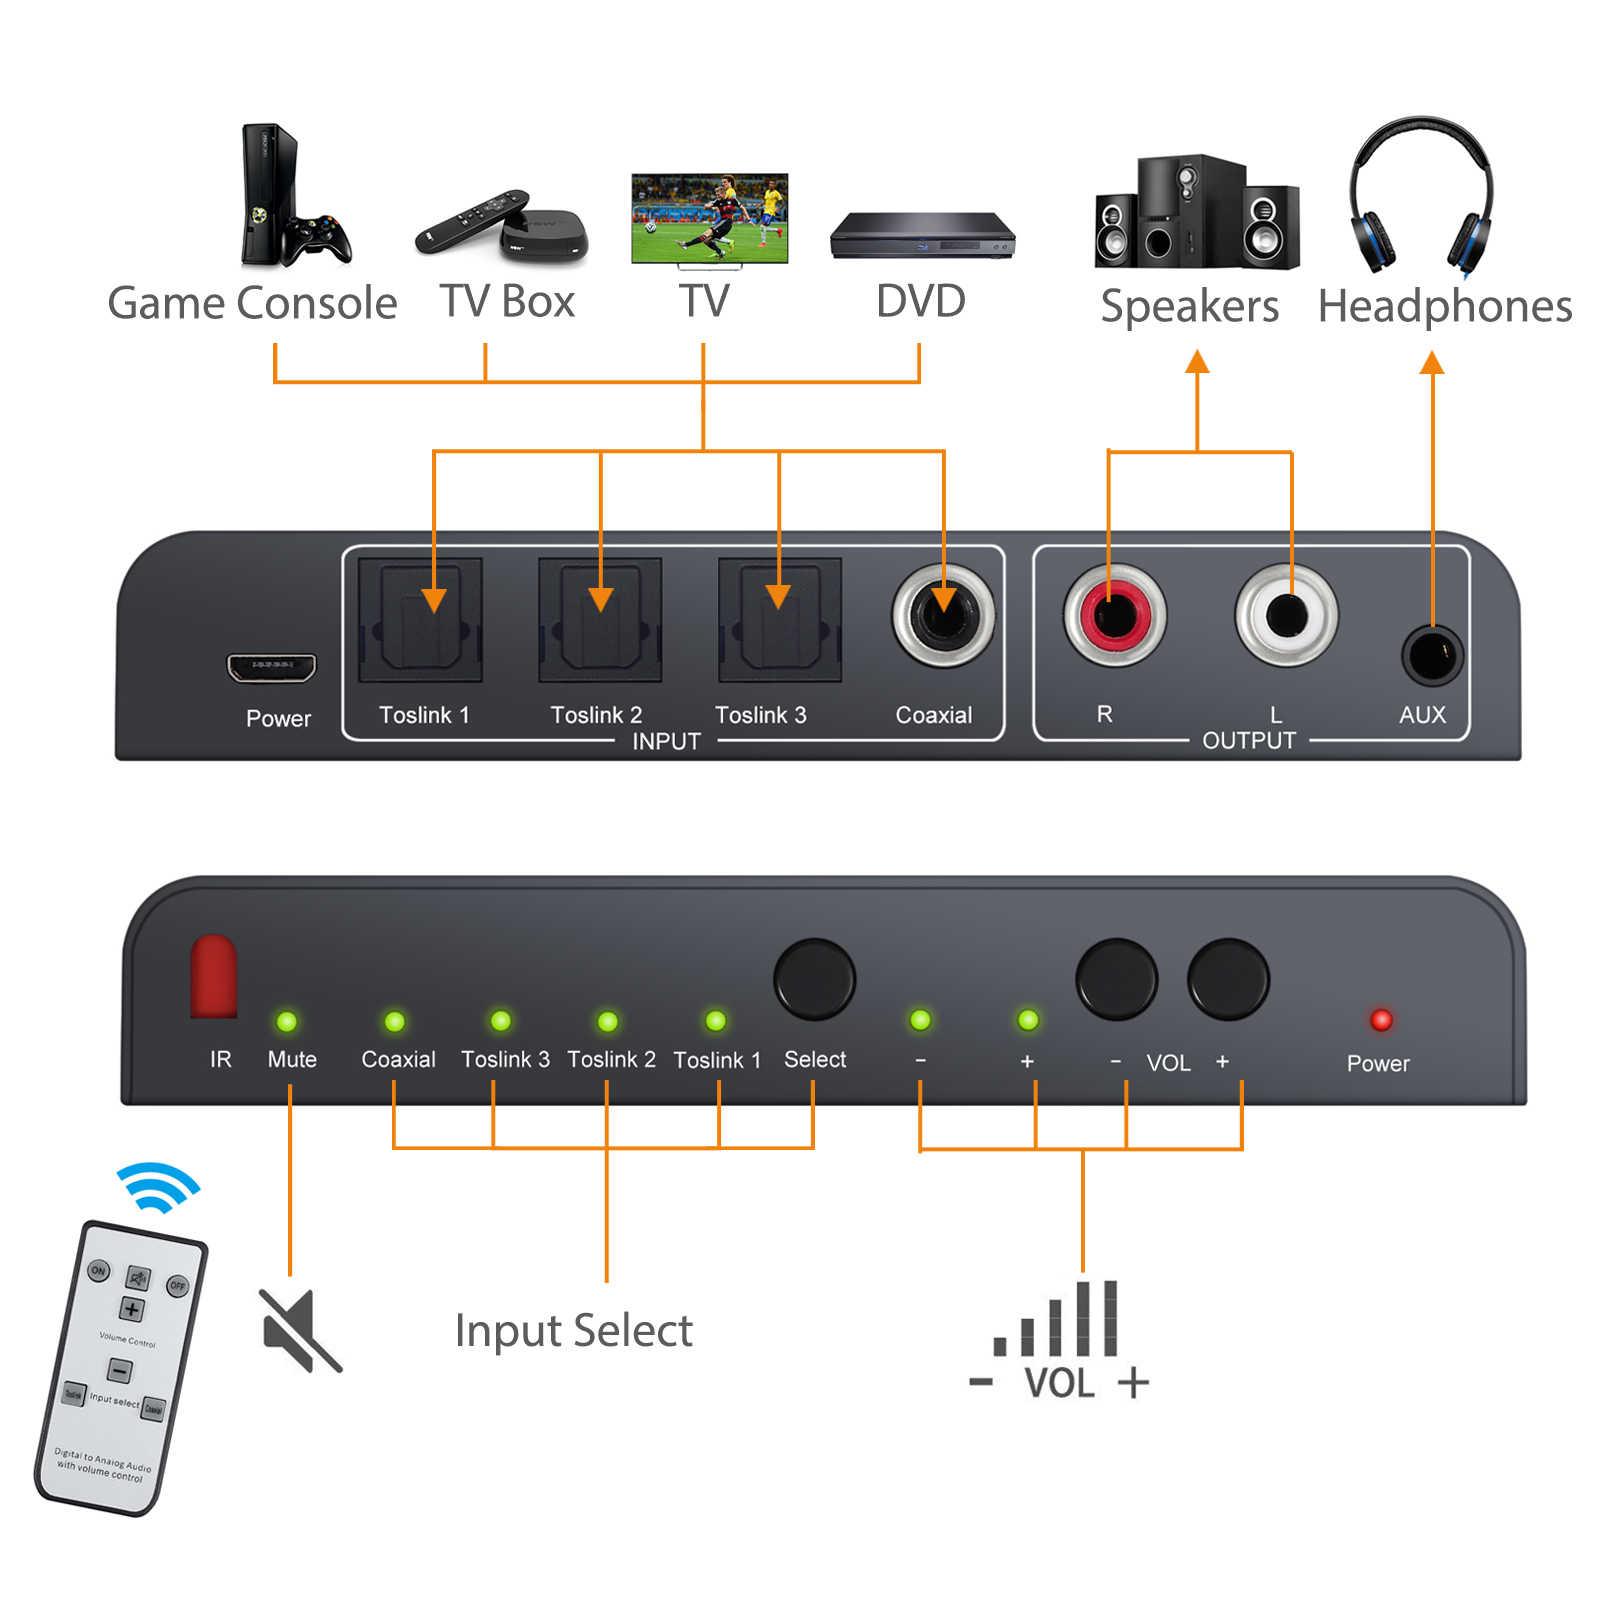 نيوتيك 3 البصرية سبديف توسلينك واحد محوري الجلاد داك الرقمية إلى التناظرية محول صوت مع الأشعة تحت الحمراء عن بعد دعم التحكم في مستوى الصوت